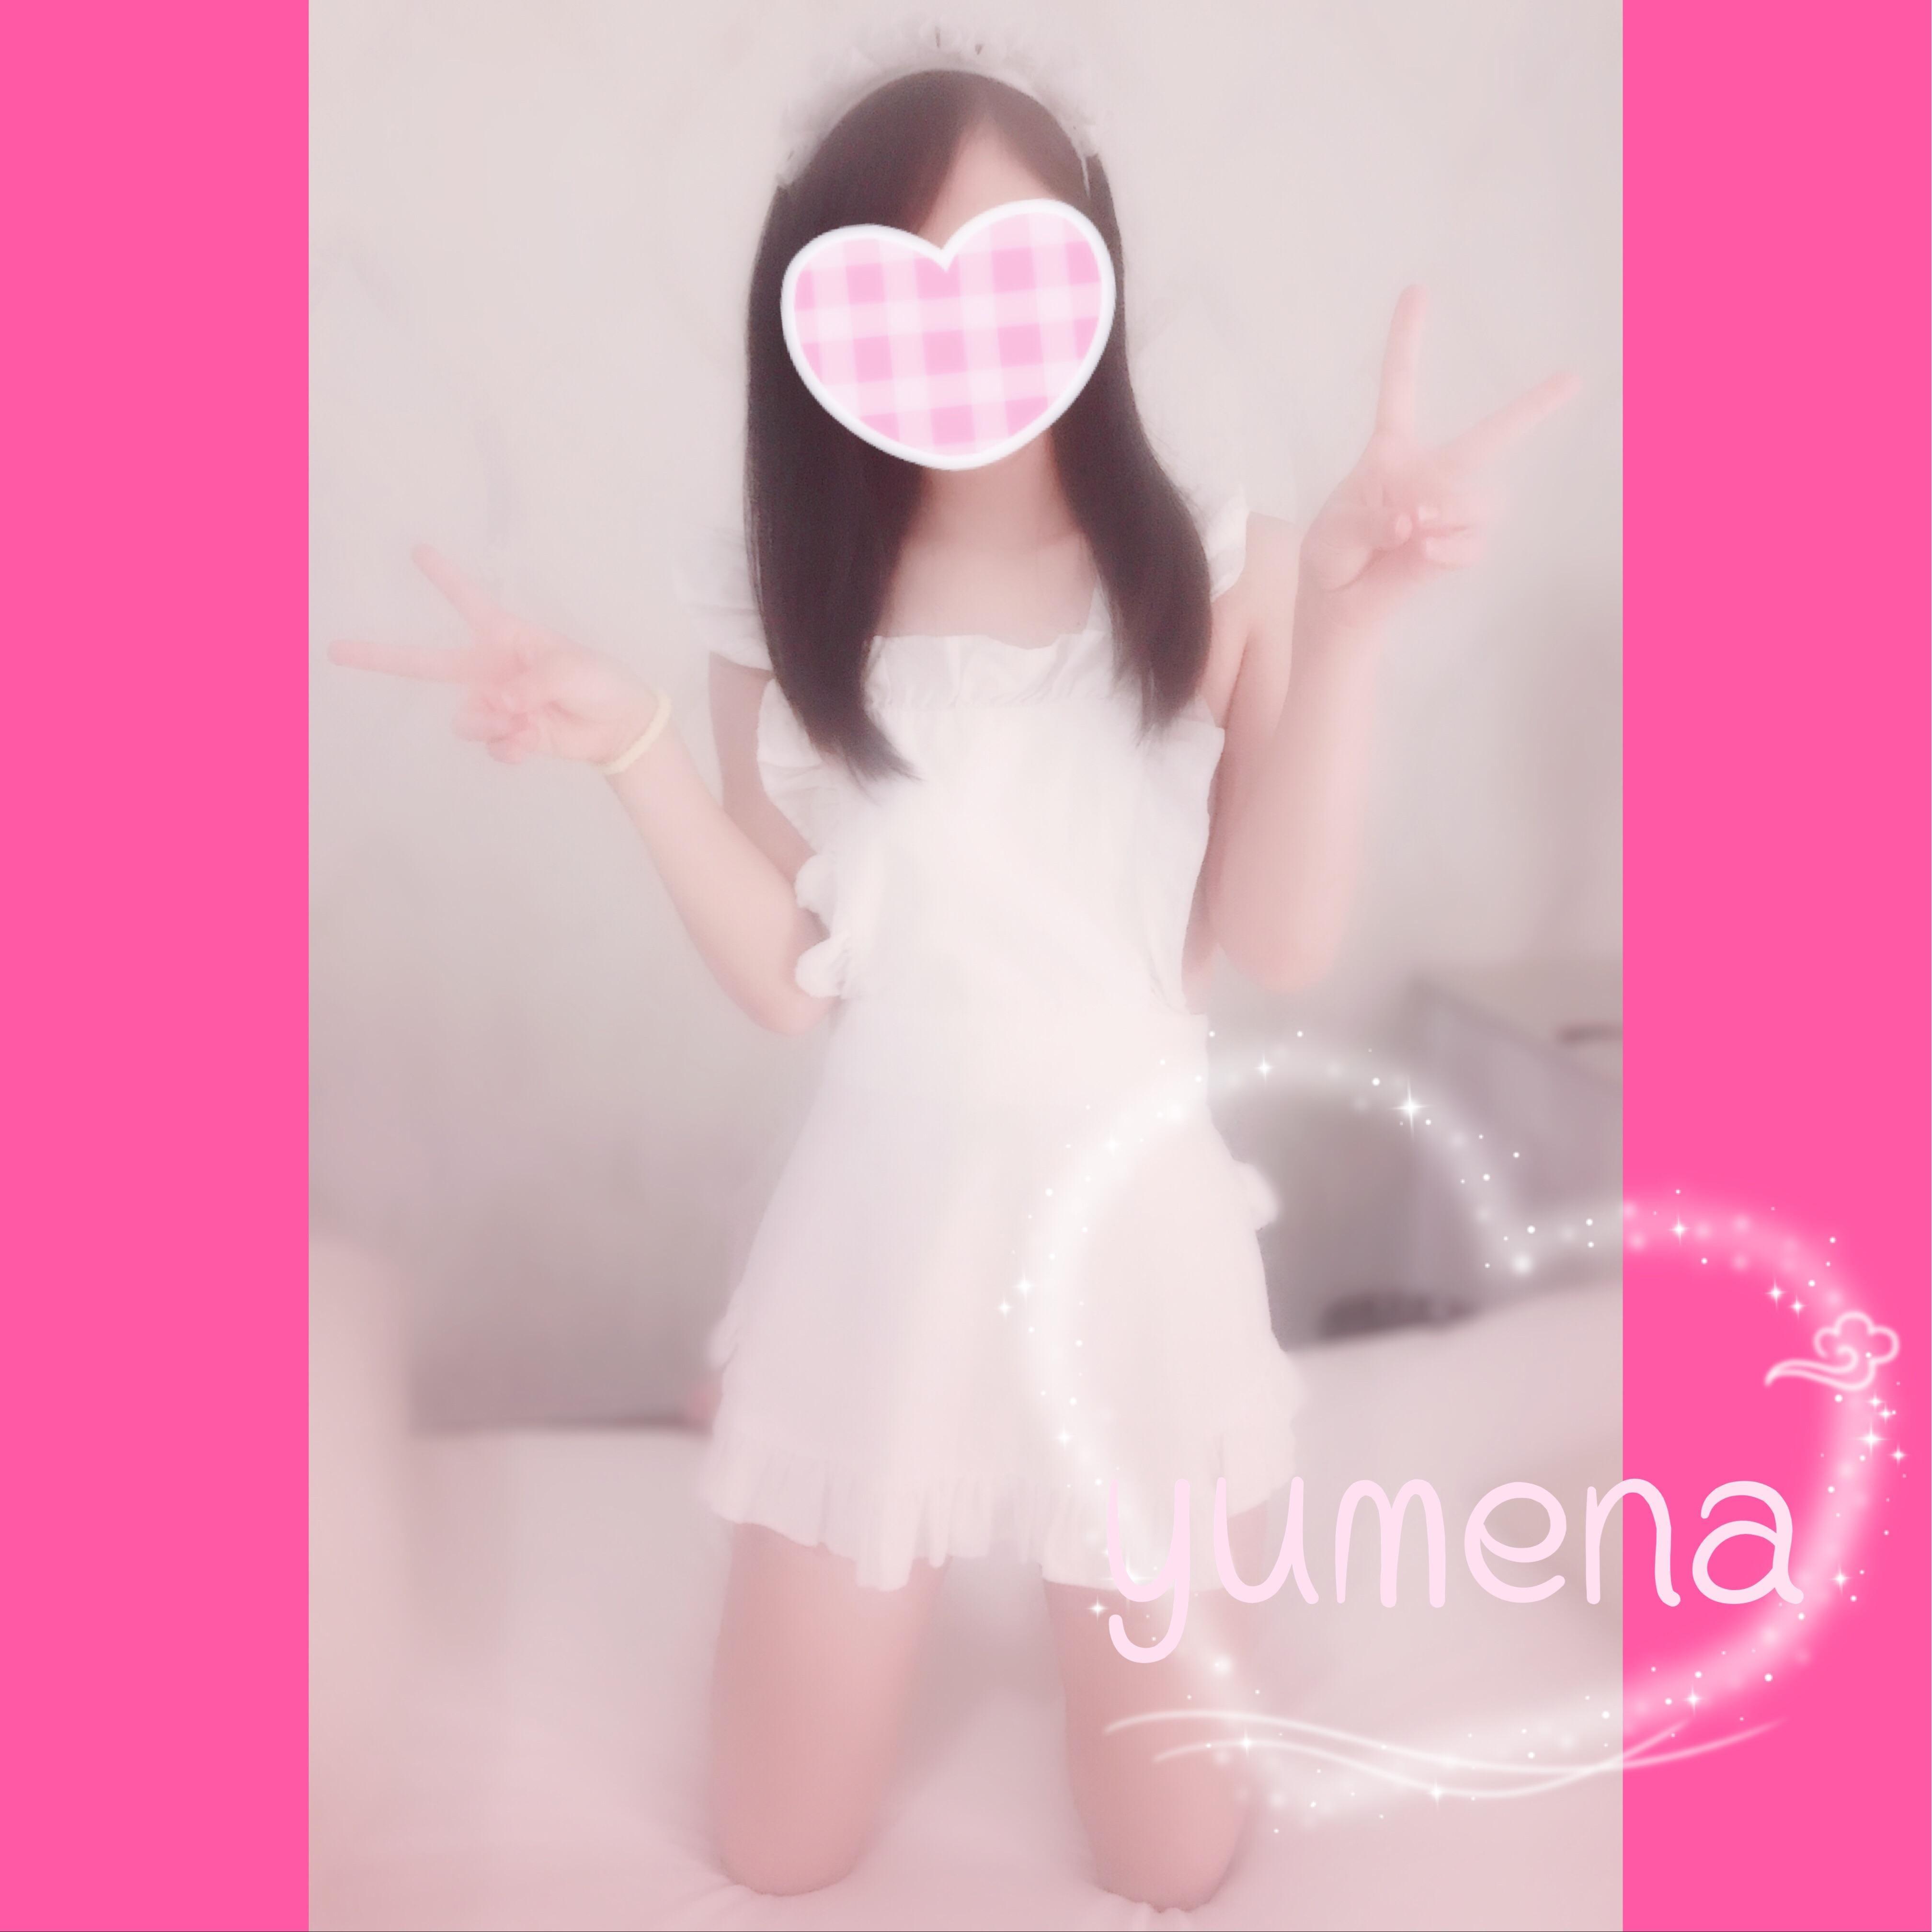 「裸エプロンのお兄さんへ♡」12/27(12/27) 03:05 | ゆめなの写メ・風俗動画